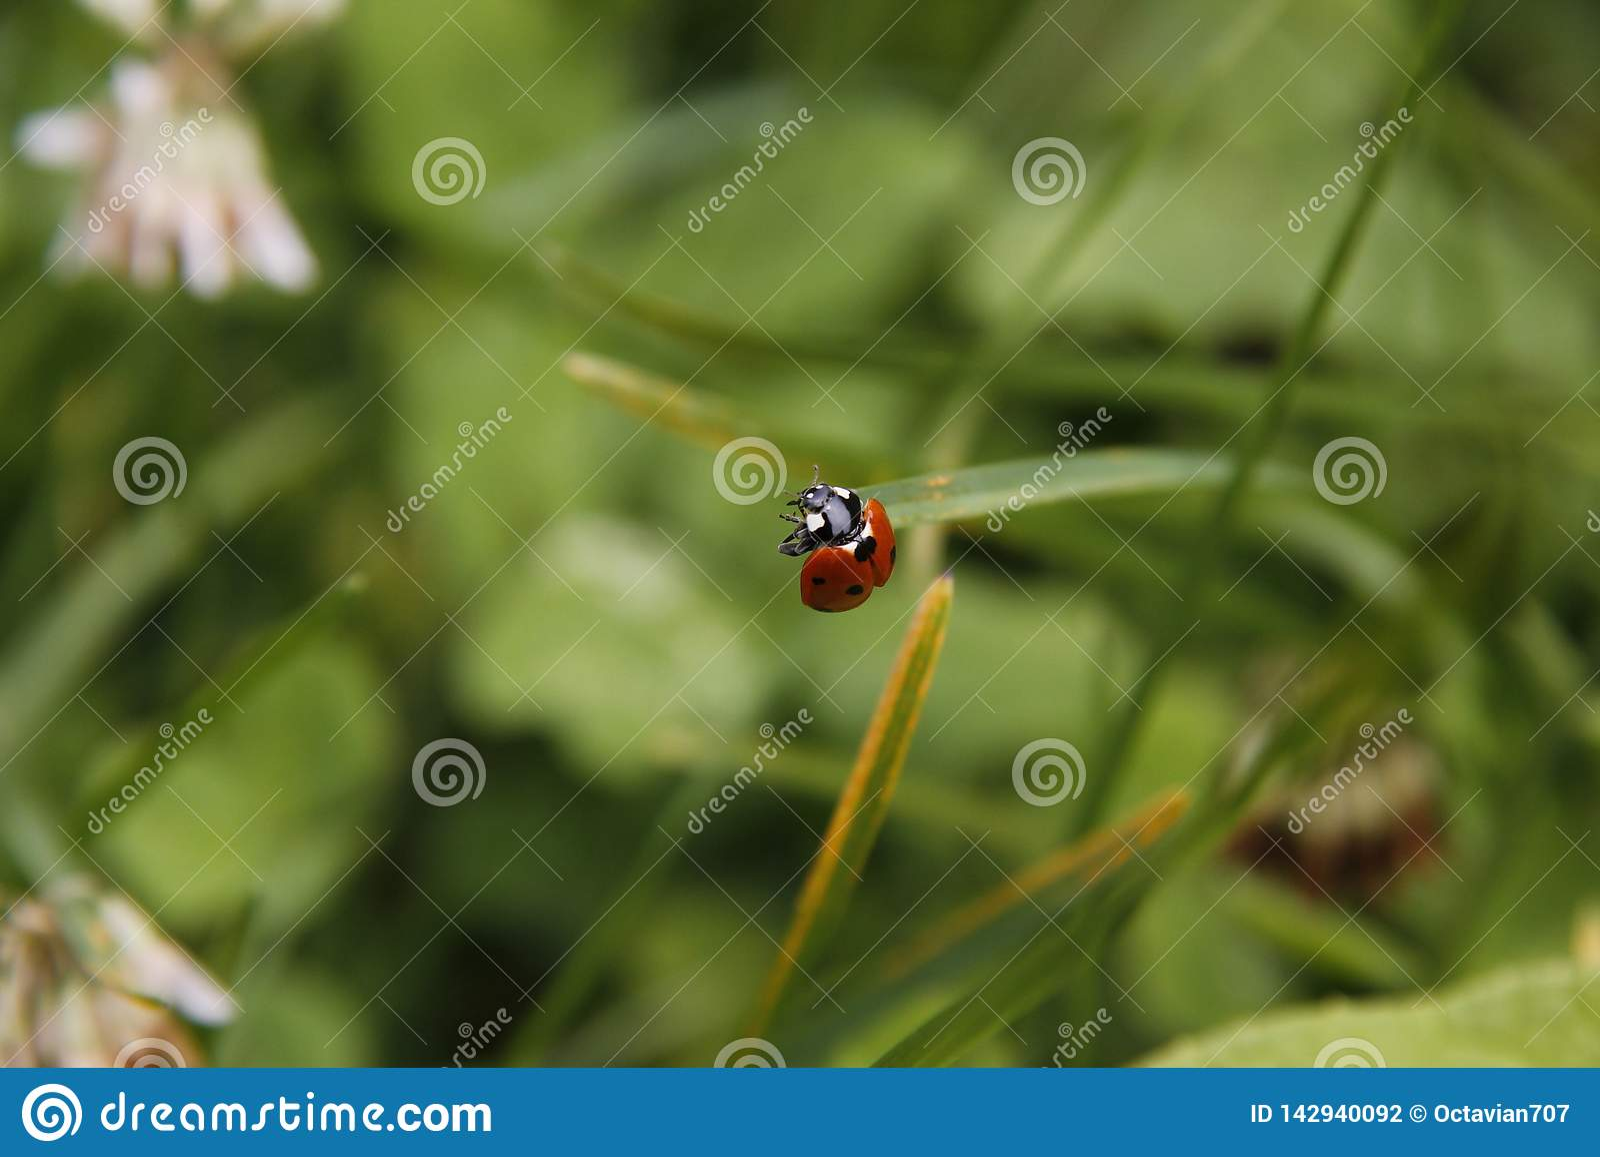 Marienkäfer in einem Garten im Sommer bereit zu fliegen